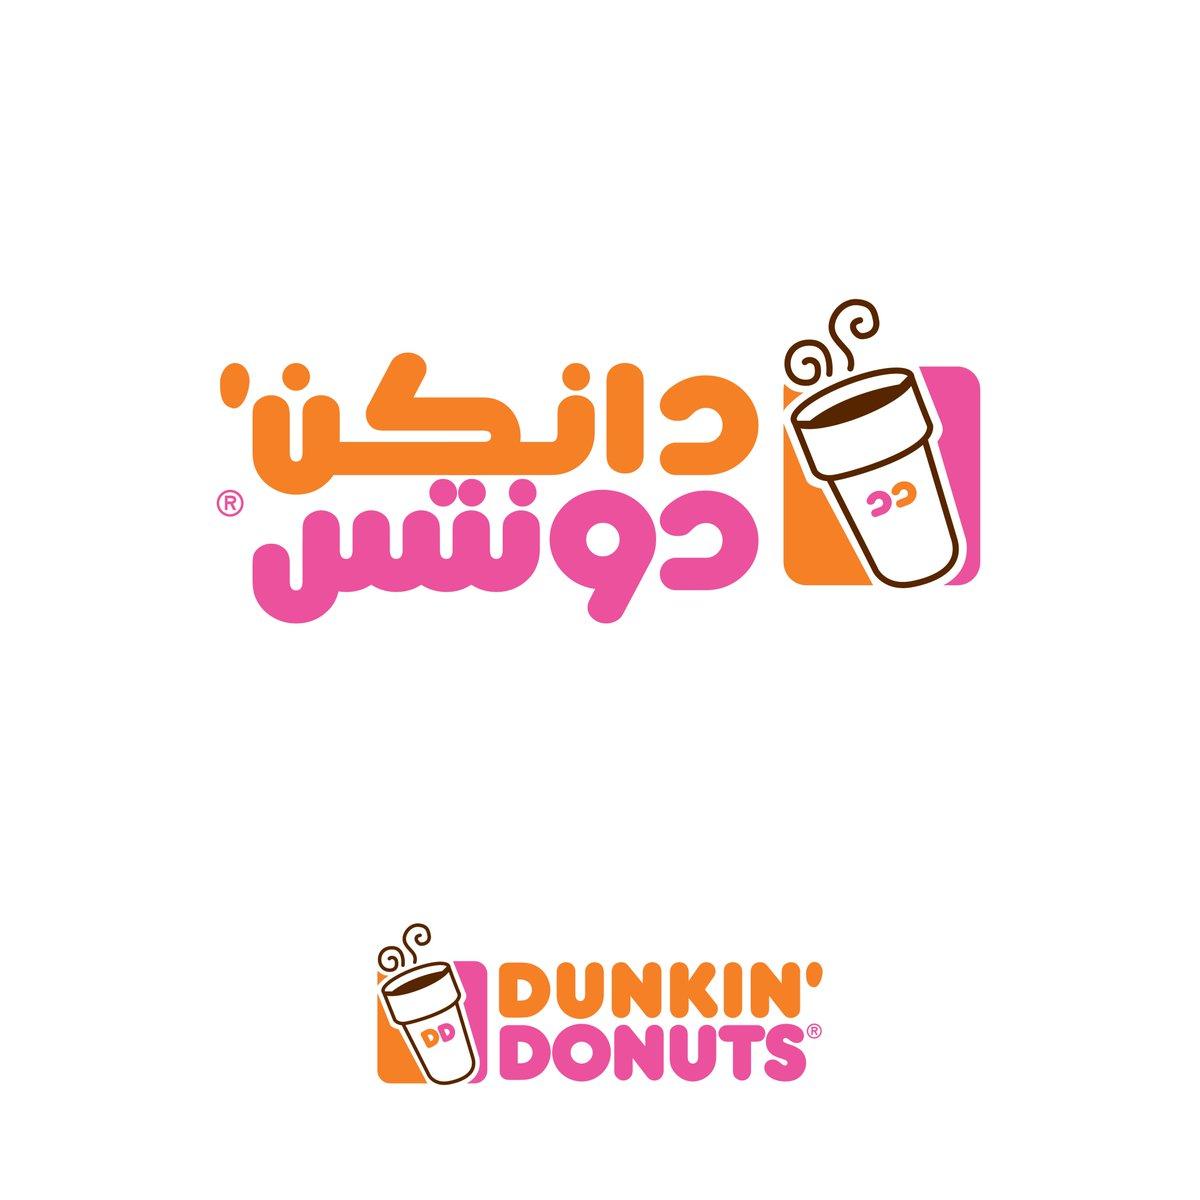 3a8654abf Samir on Twitter: